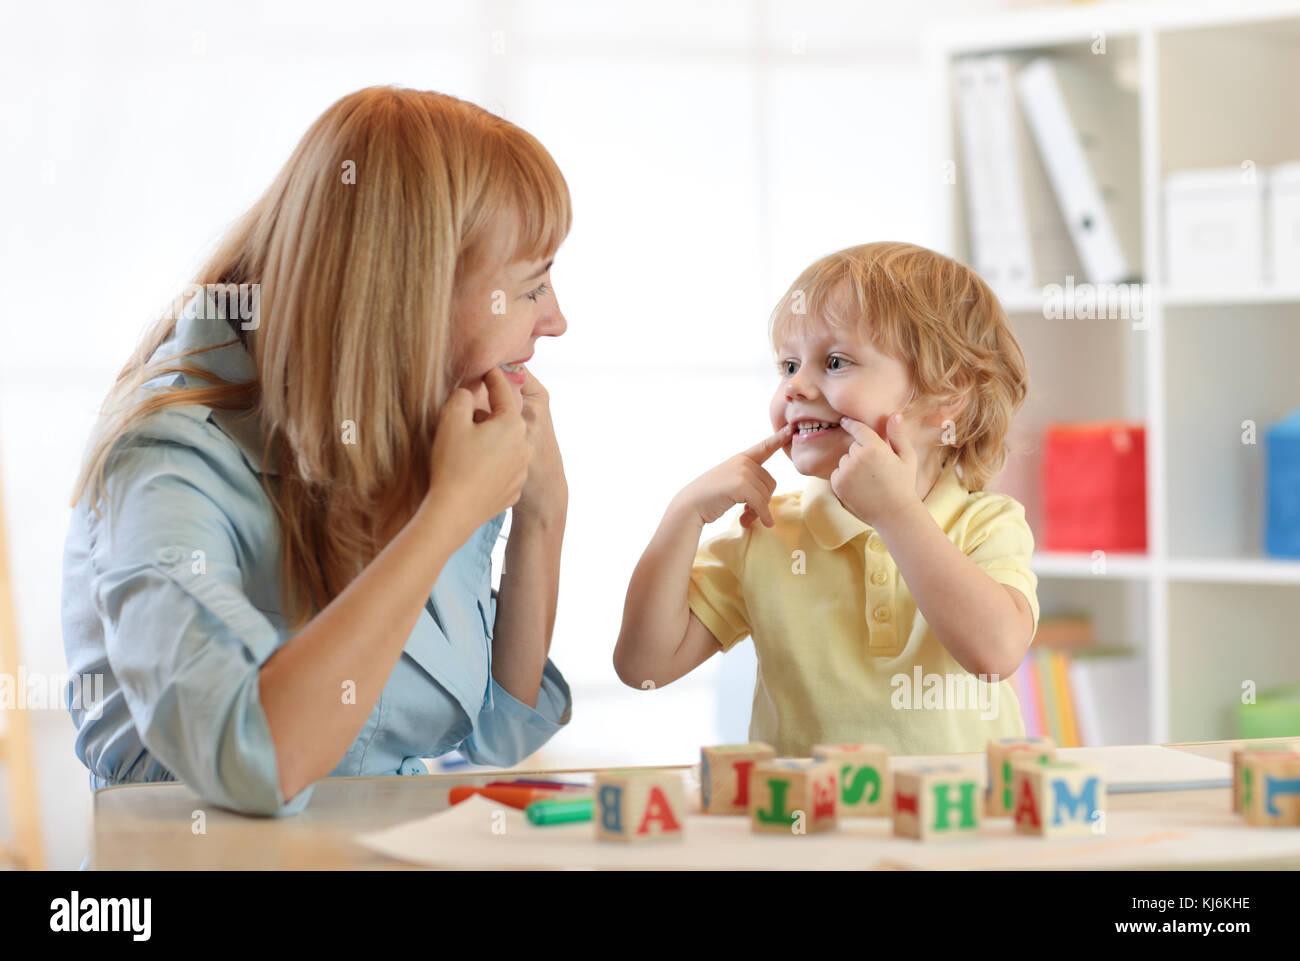 Cute kid little boy at speech therapist office - Stock Image